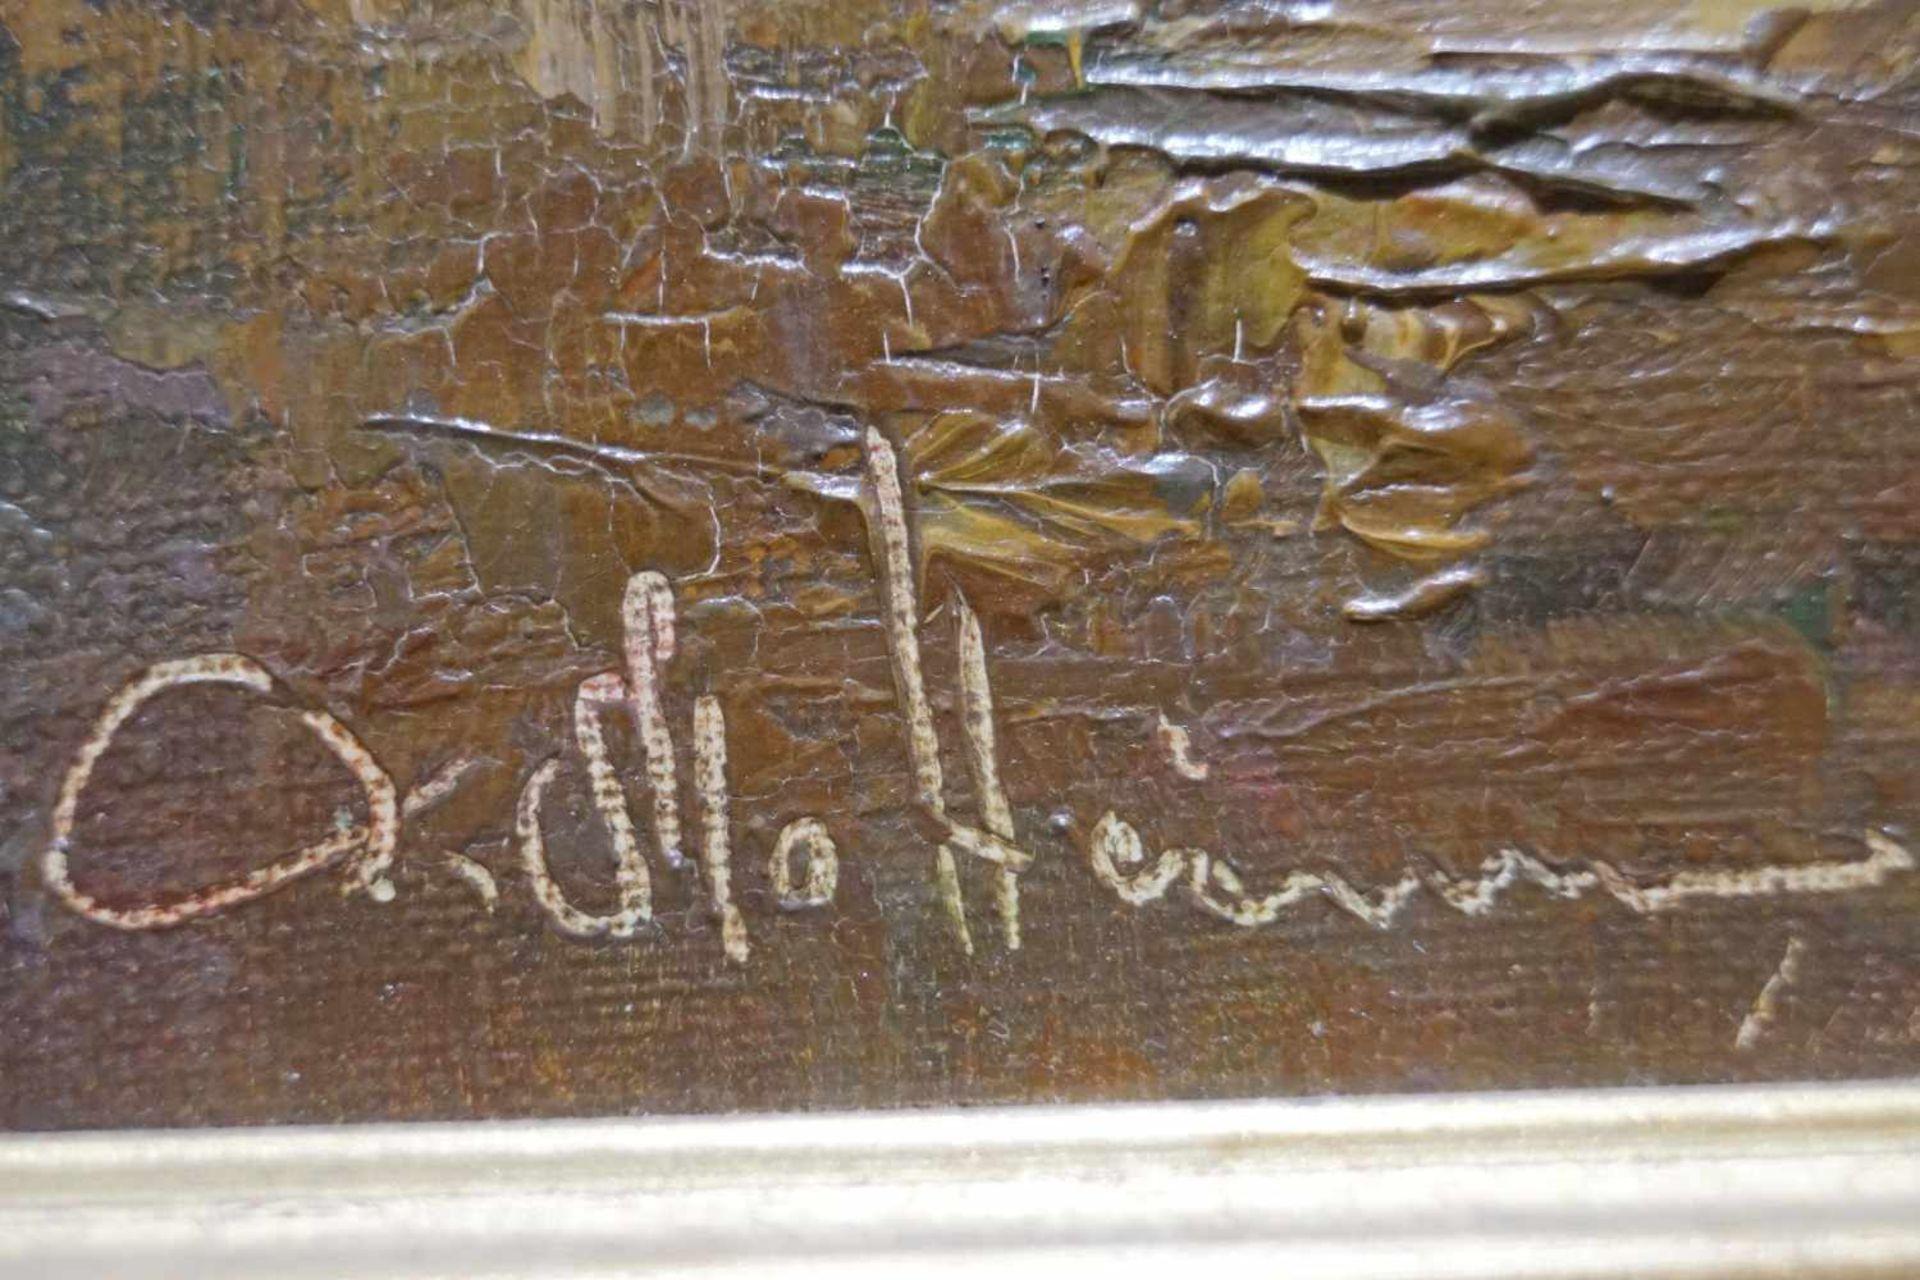 Parforcejagd Peter Otto Heim (1896-1966), Öl auf Leinwand, gerahmt, Höhe 66 cm x Breite 62 cm, - Bild 2 aus 3